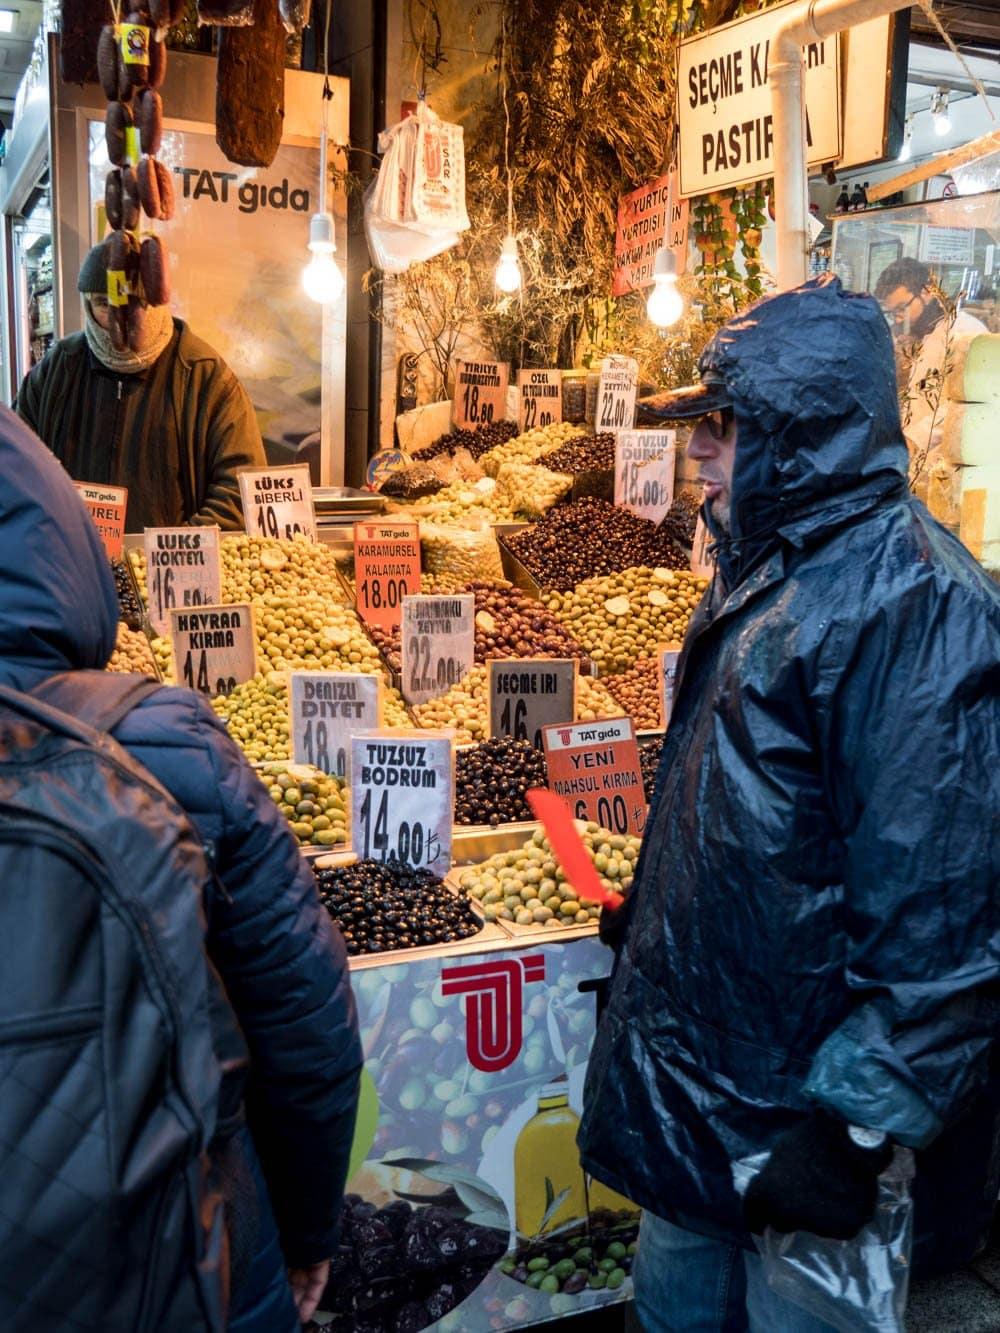 Olivenselger ved kryddermarkedet i Istanbul (Misir carsisi) / Et kjøkken i Istanbul